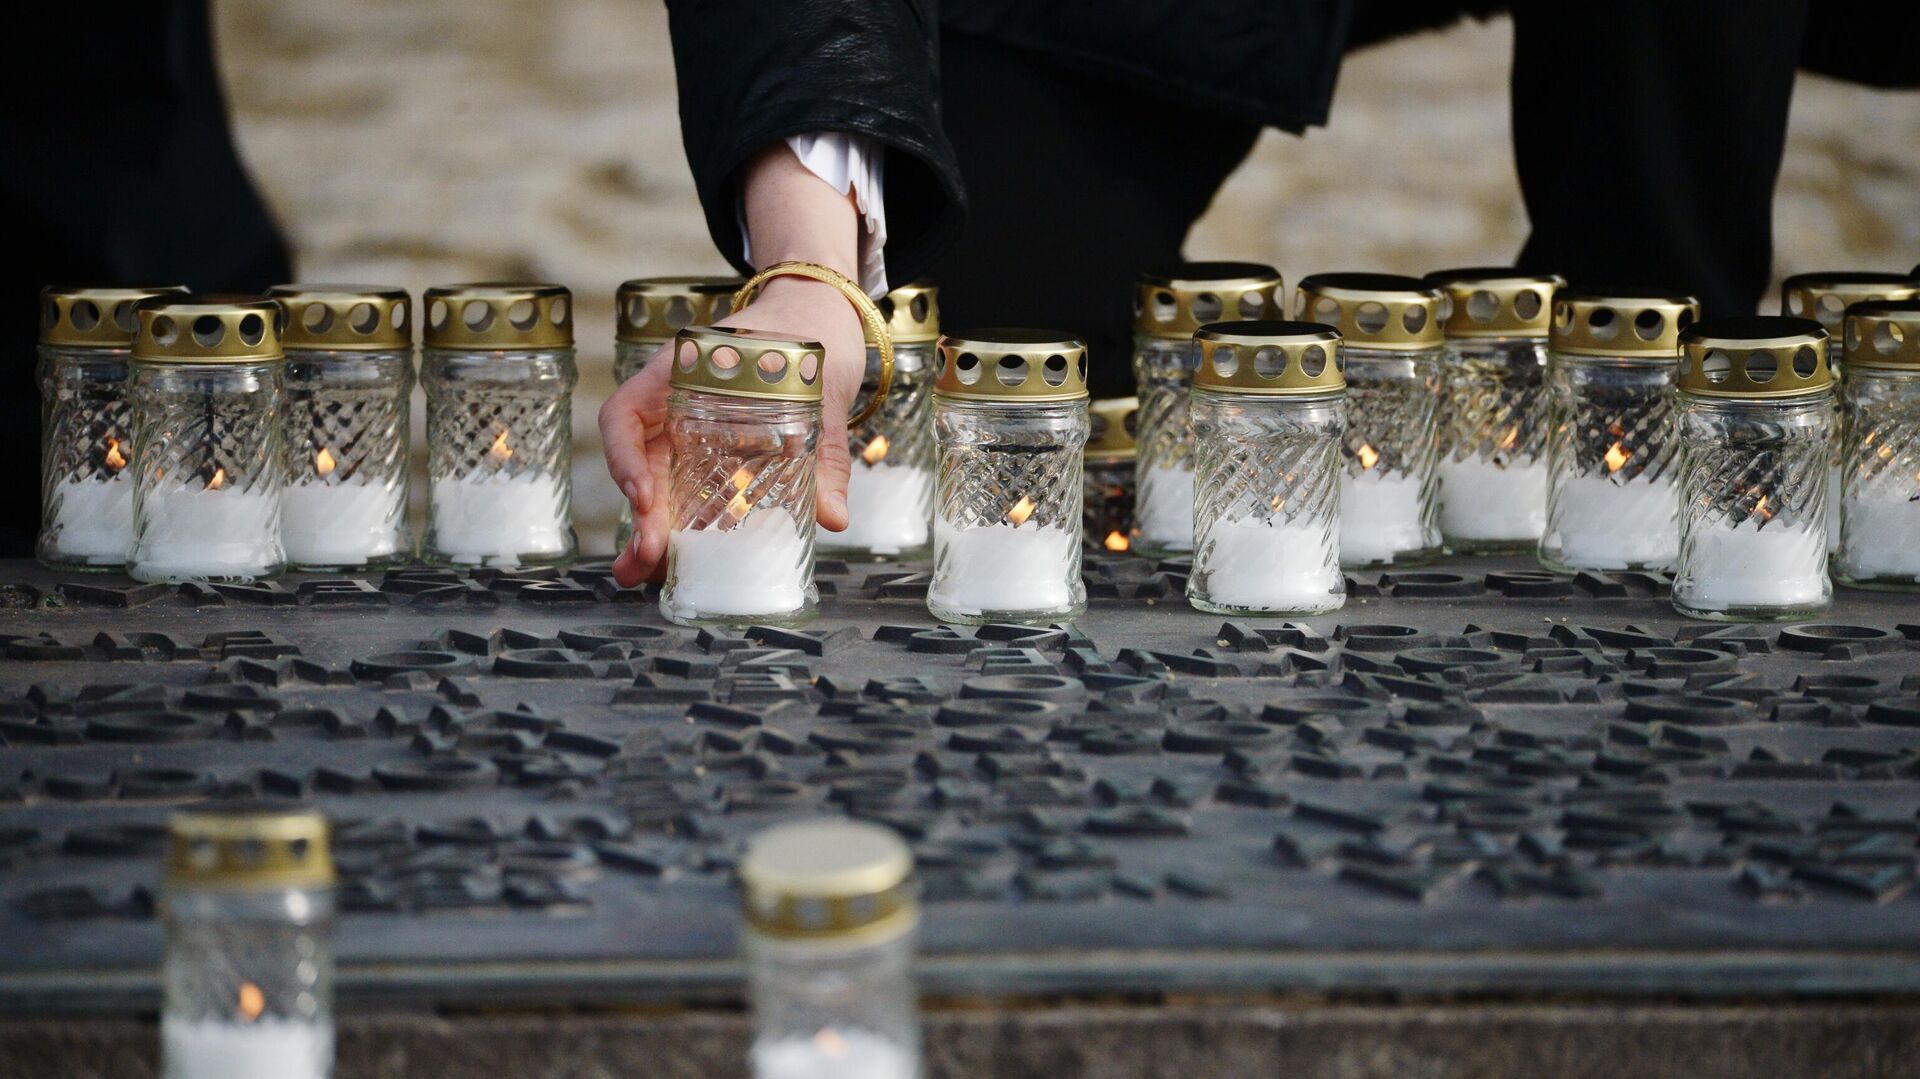 Свечи у мемориала на территории бывшего лагеря смерти Освенцим - РИА Новости, 1920, 25.02.2021